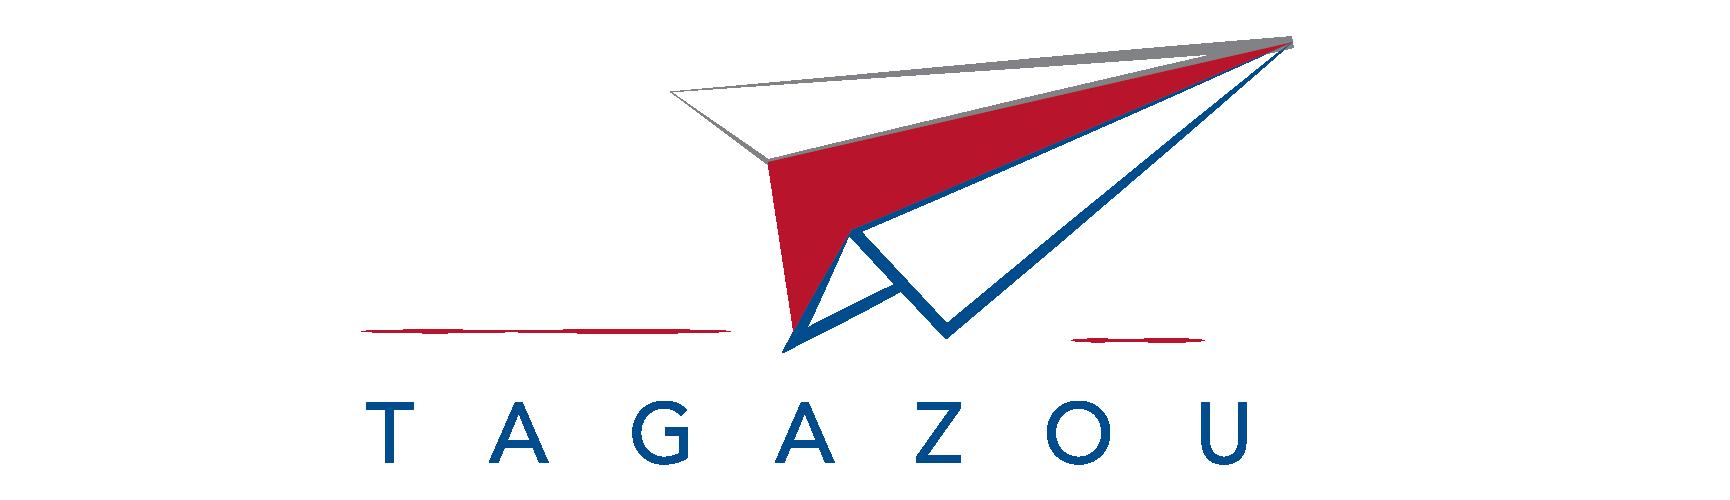 tagazou logo 1730